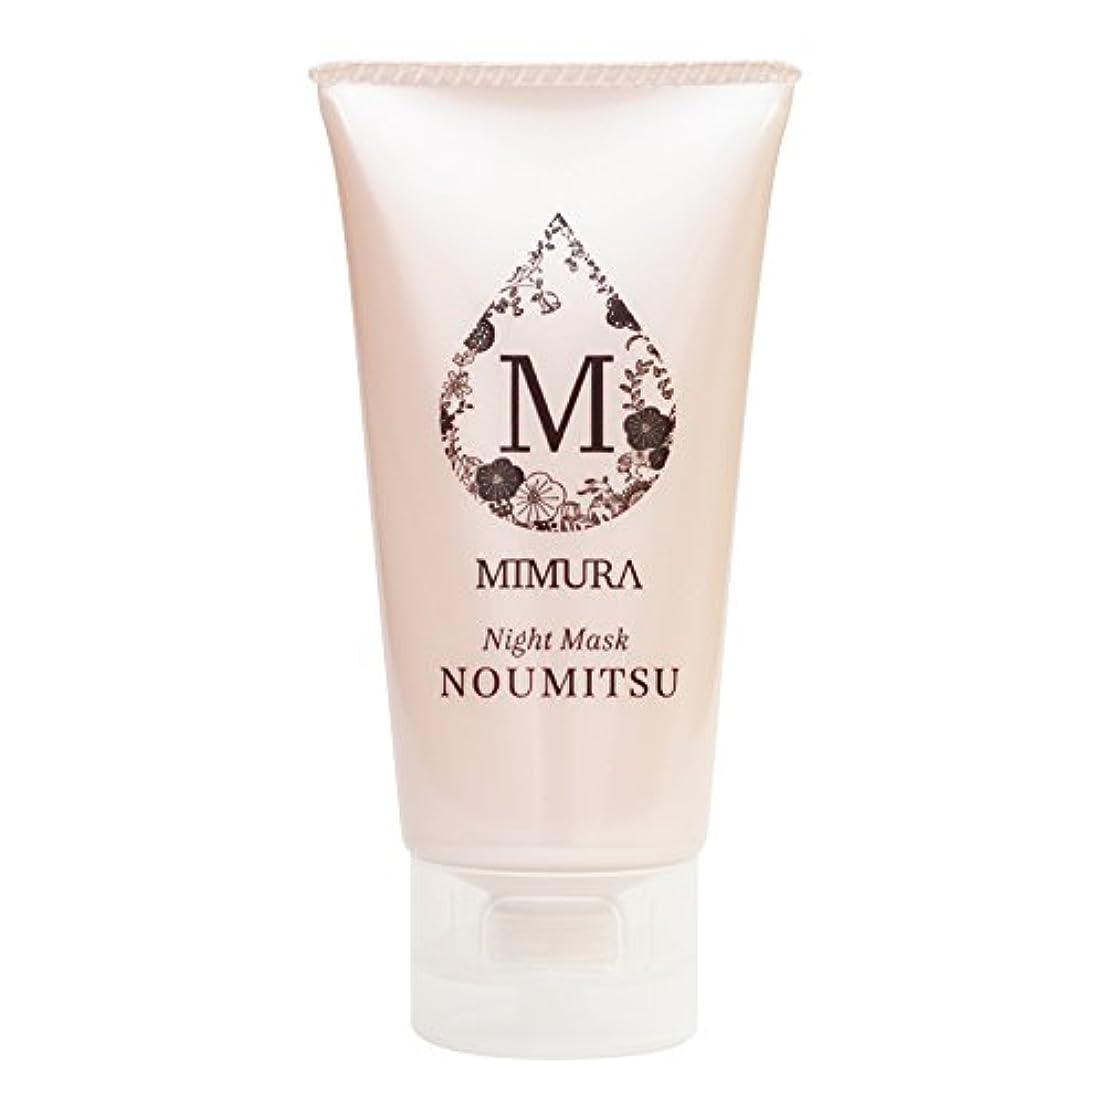 代理人驚くばかり抑制する夜用ナイトパック アスタキサンチン ミムラ ナイトマスク NOUMITSU(保湿クリーム)48g 日本製